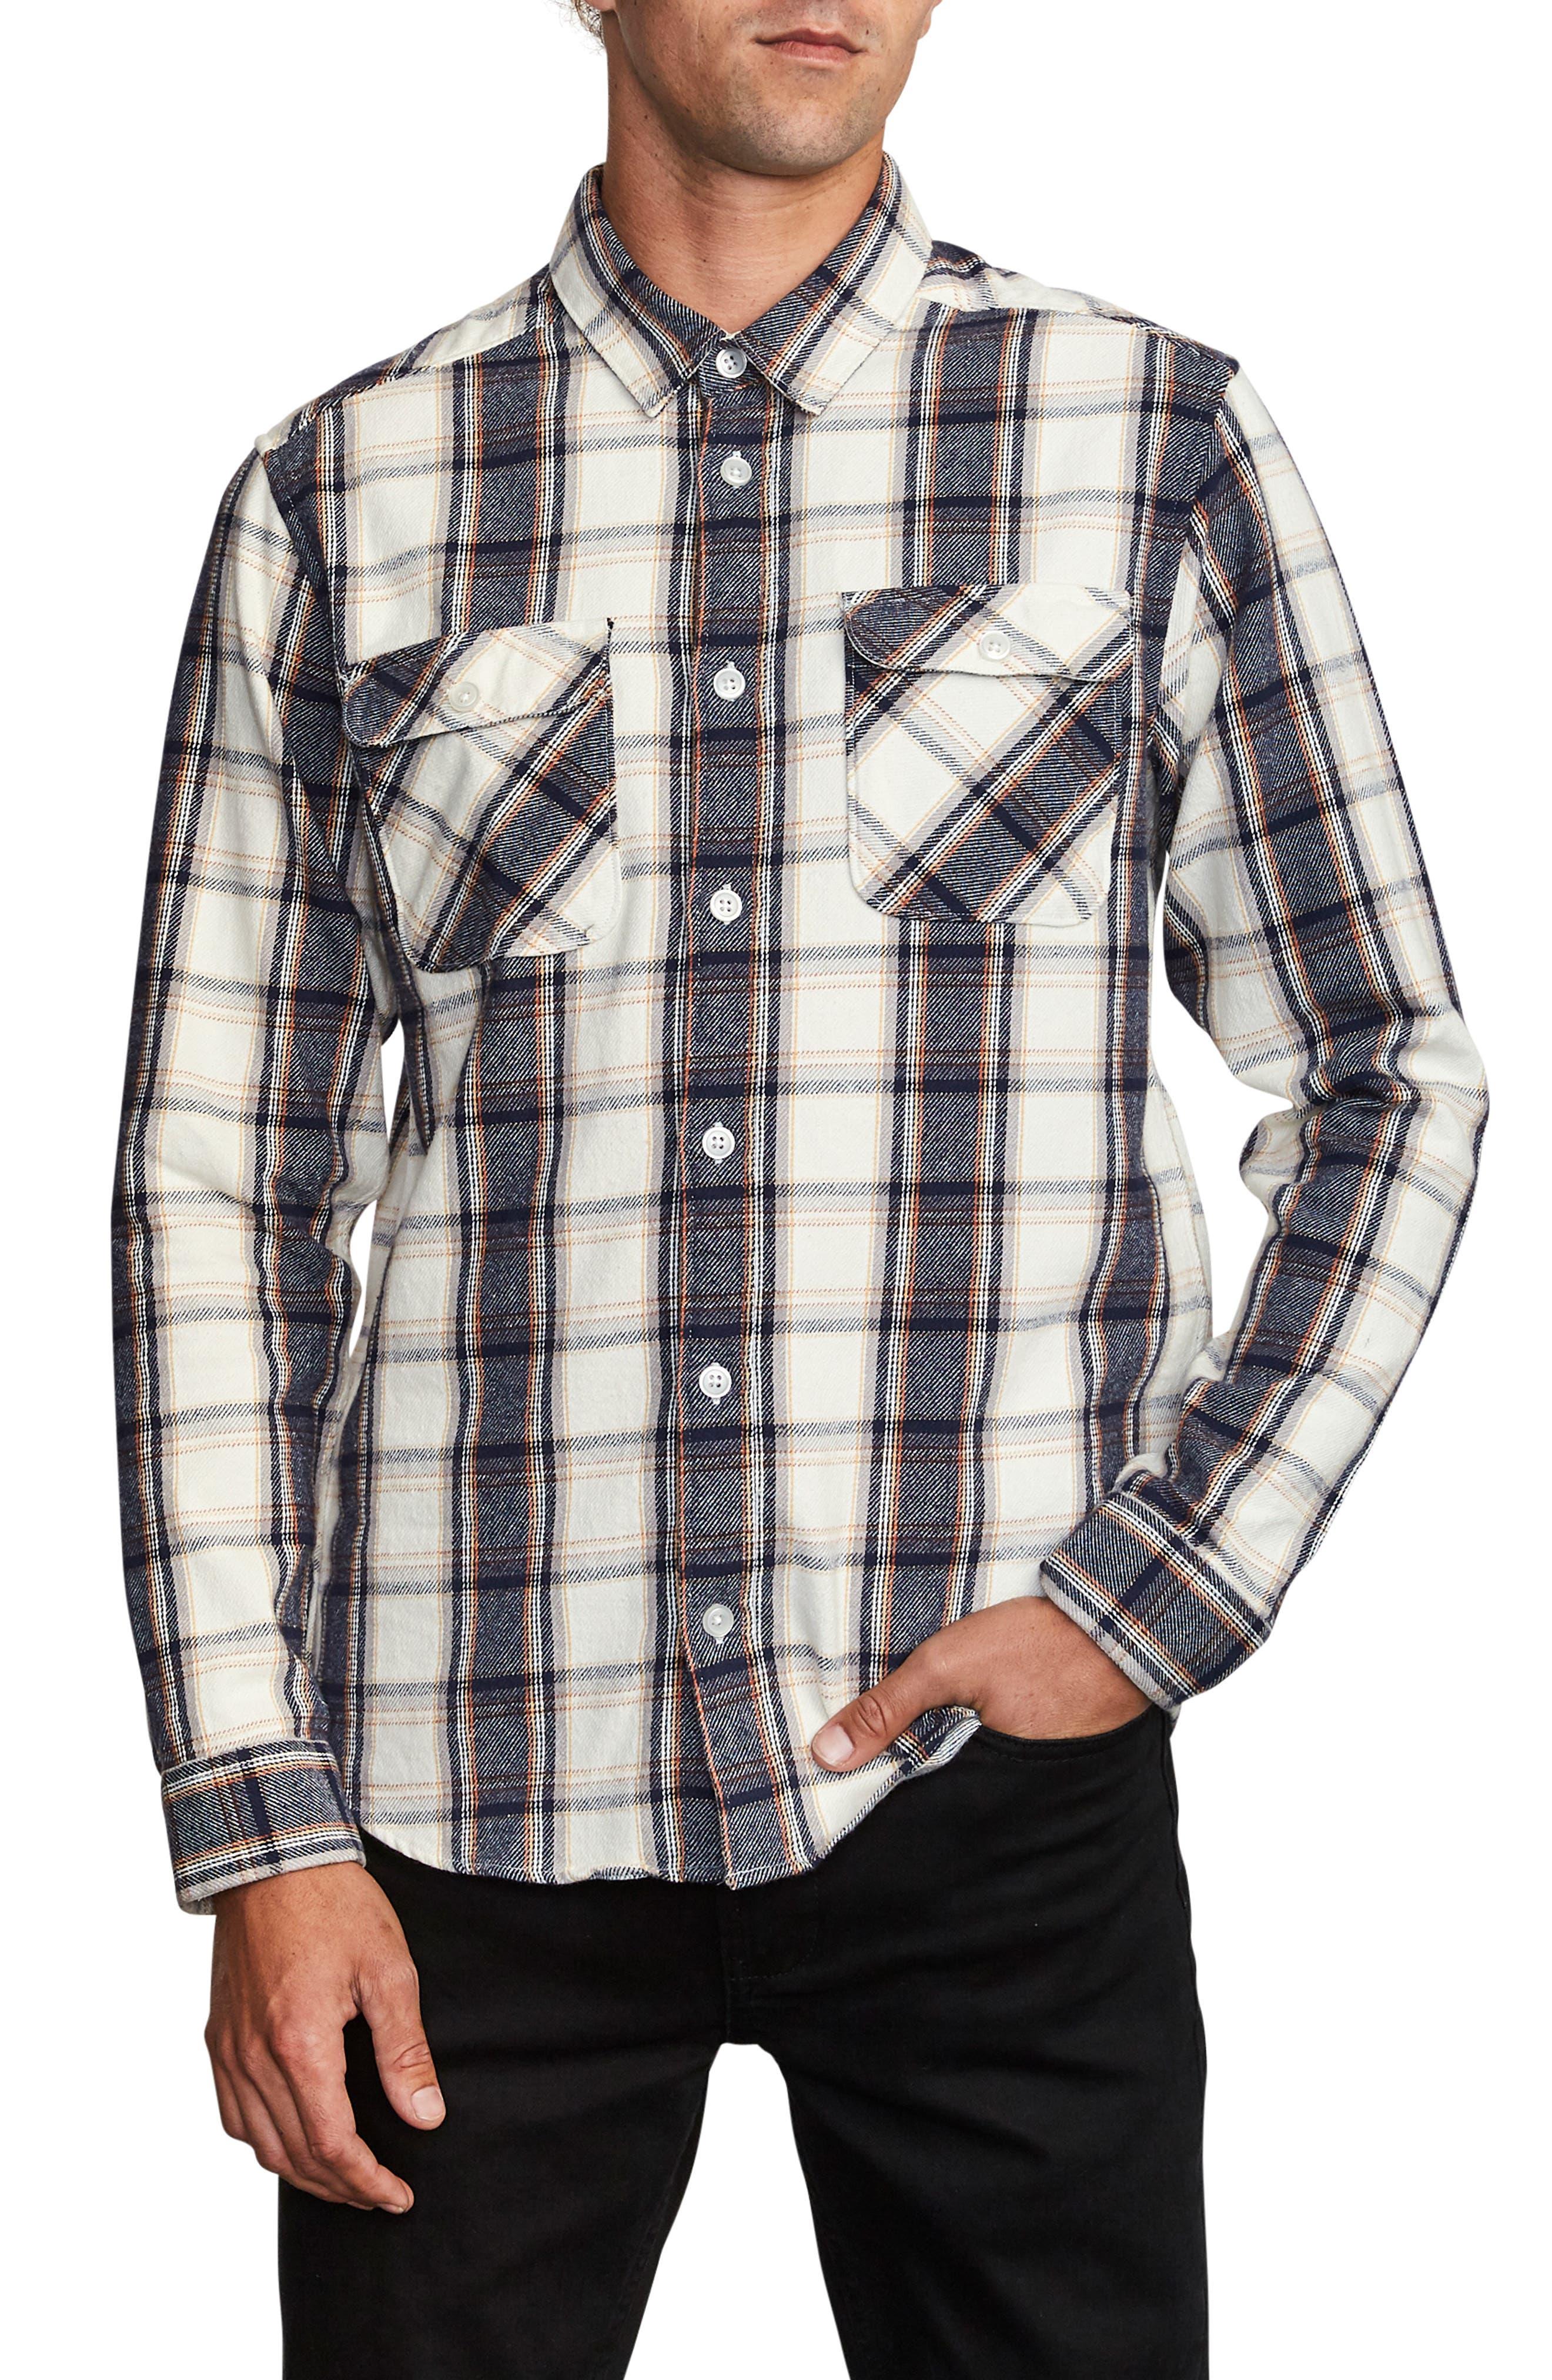 1950s Mens Shirts | Retro Bowling Shirts, Vintage Hawaiian Shirts Mens Rvca ThatLl Work Slim Fit Plaid Flannel Shirt Size X-Large - Grey $60.00 AT vintagedancer.com